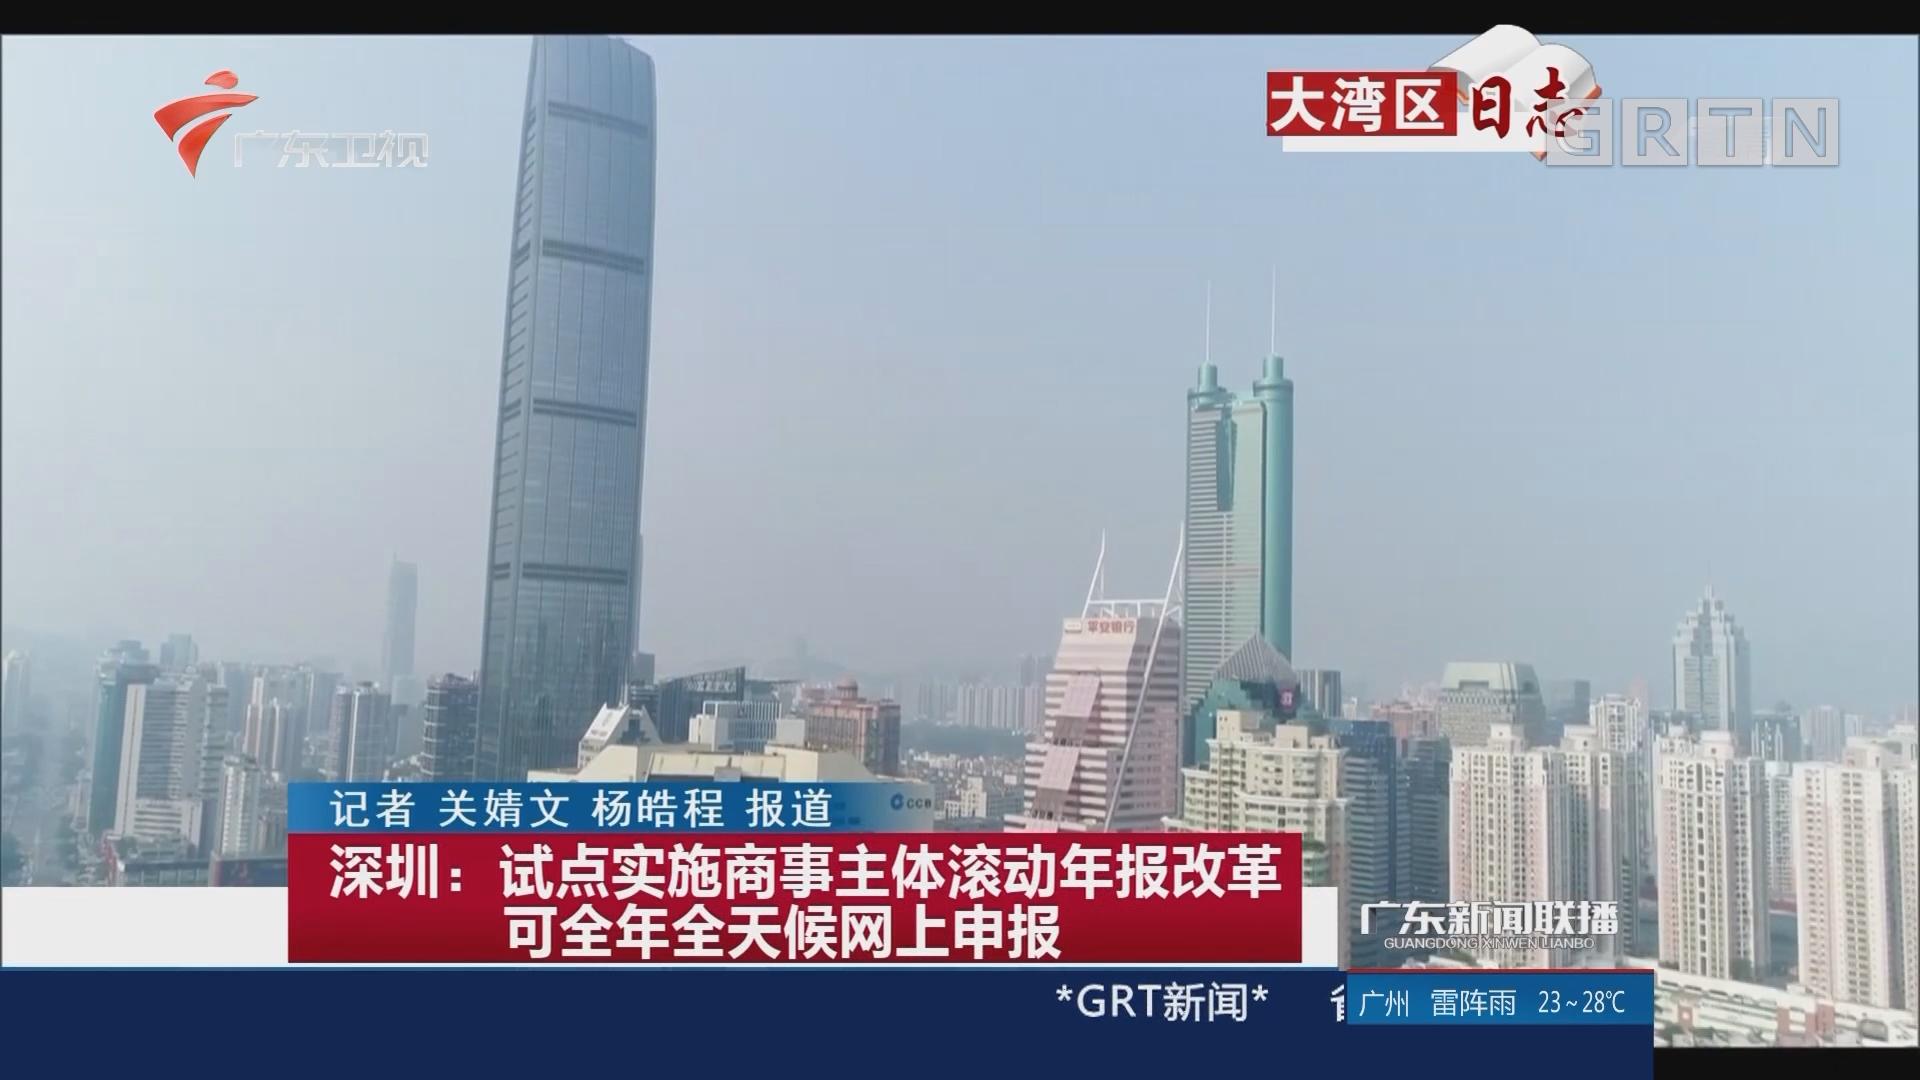 深圳:试点实施商事主体滚动年报改革 可全年全天候网上申报